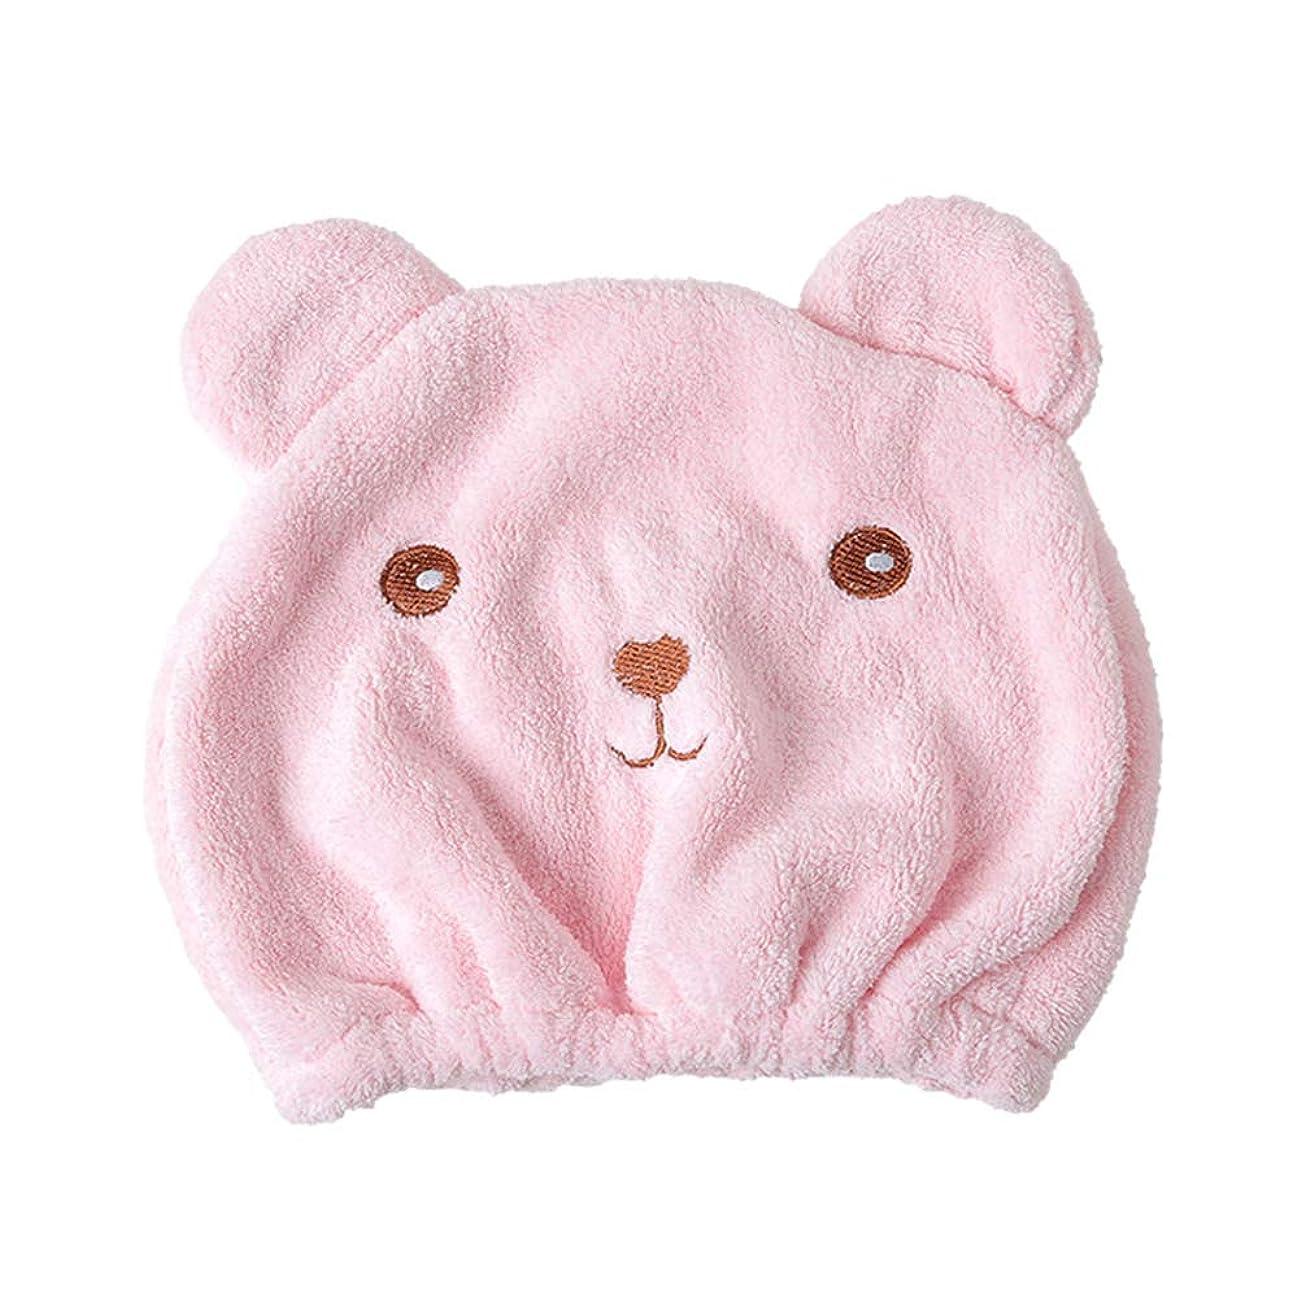 狐吸収かび臭いTOPBATHY アニマルドライヘアハットシャワーキャップ即乾式ヘアタオル女性用大人子供(ピンク)